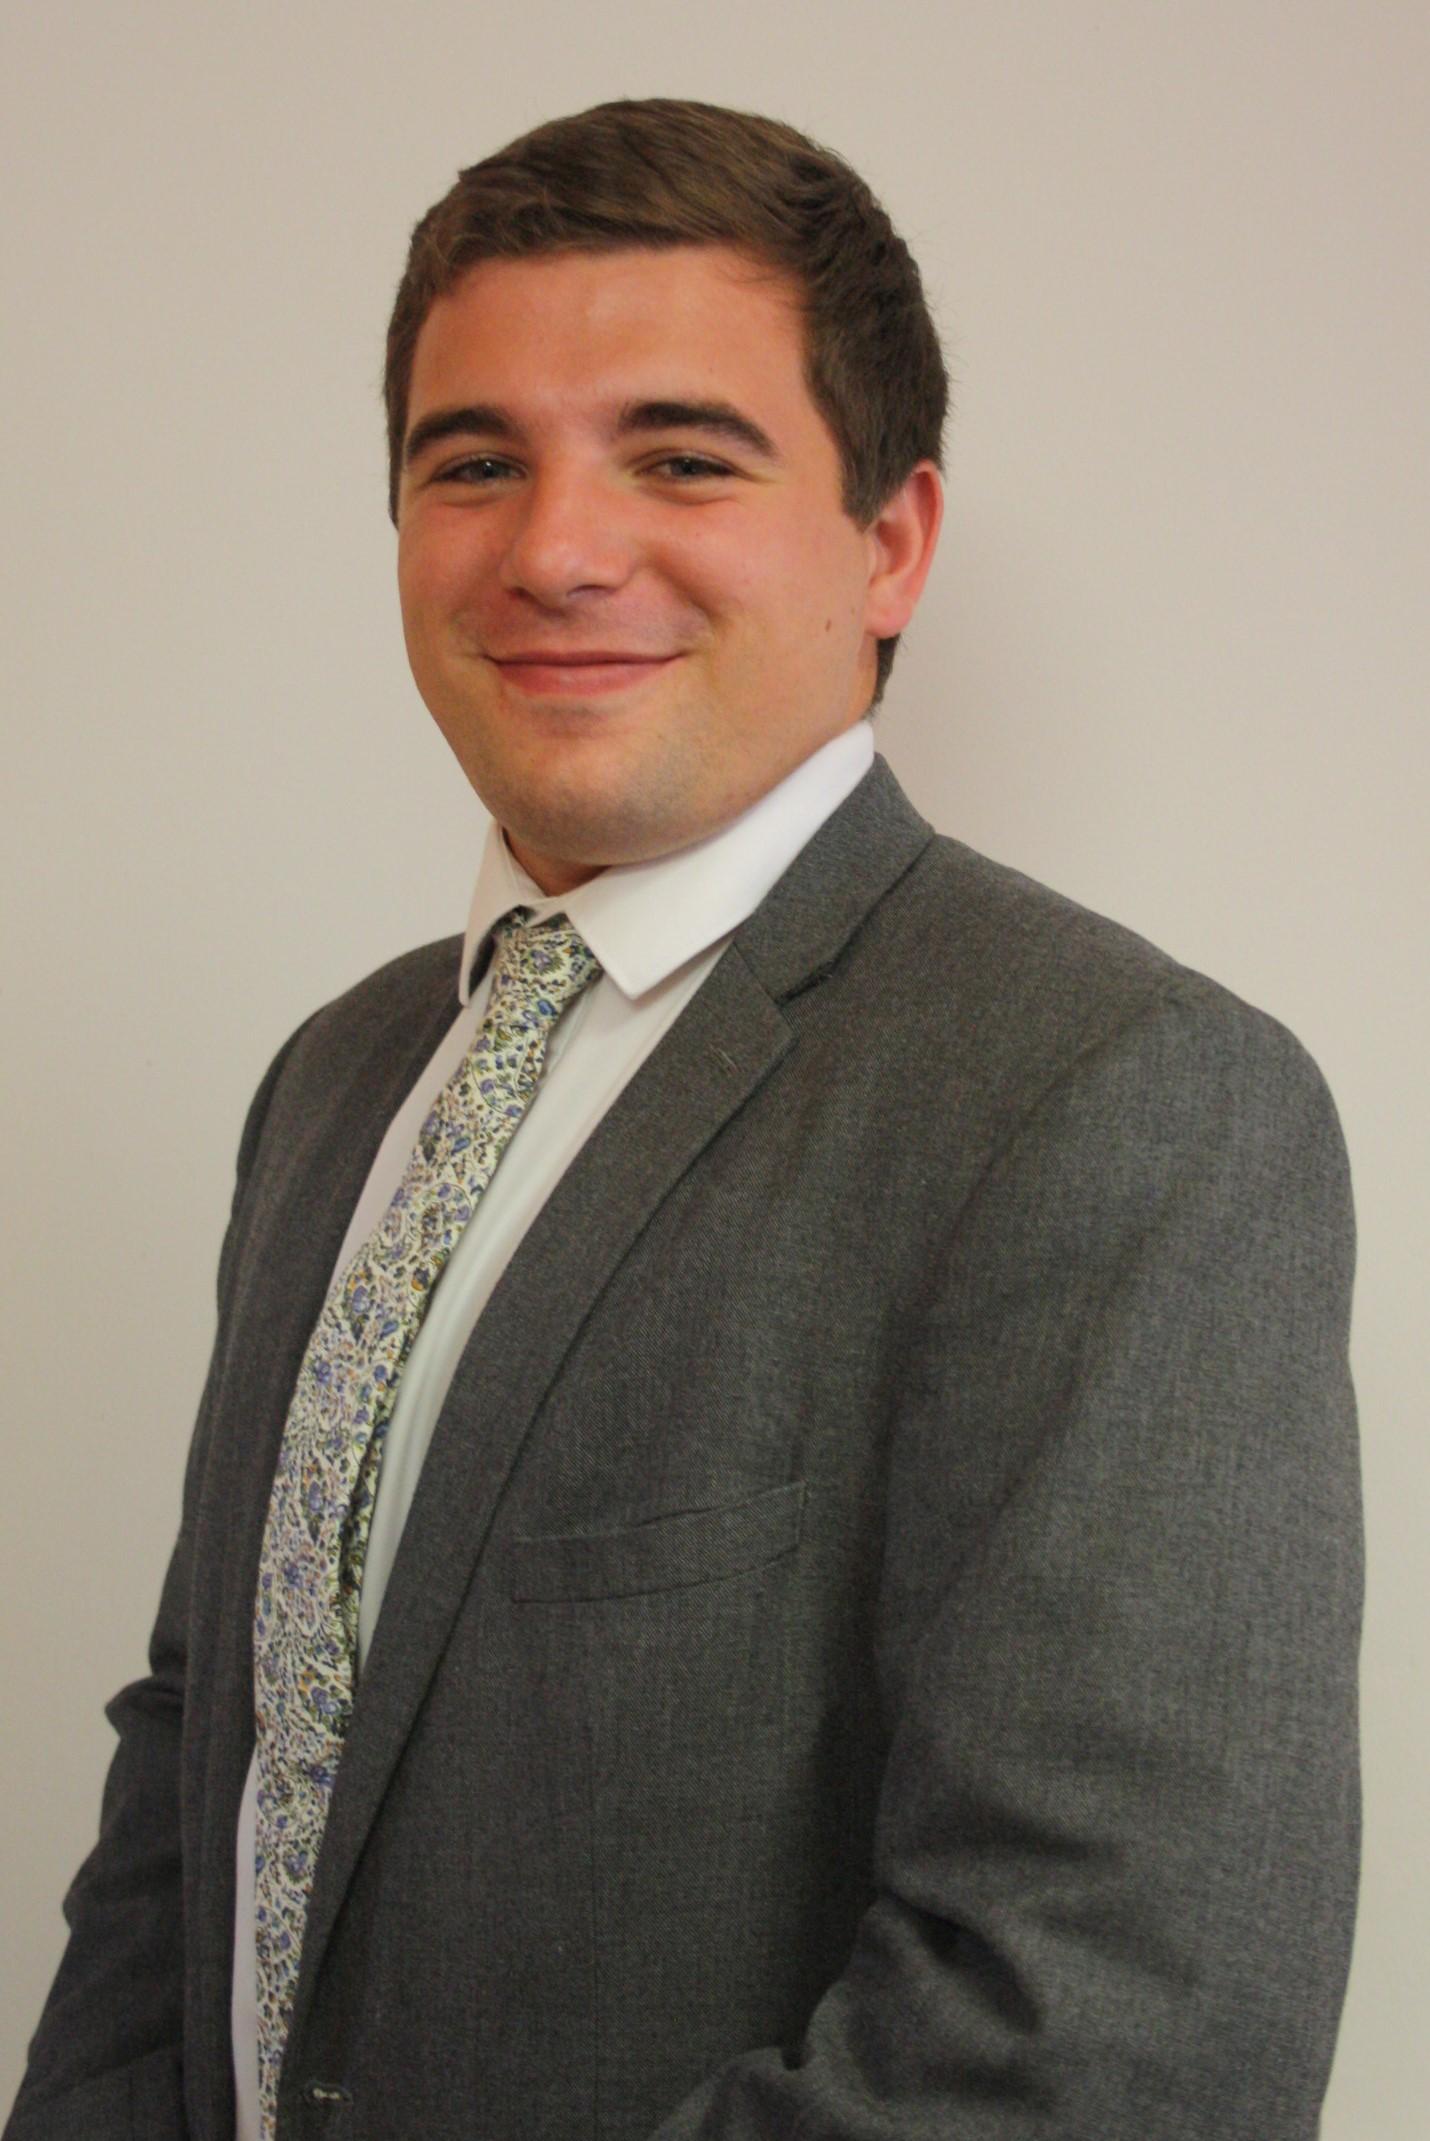 James Holt (Sales)